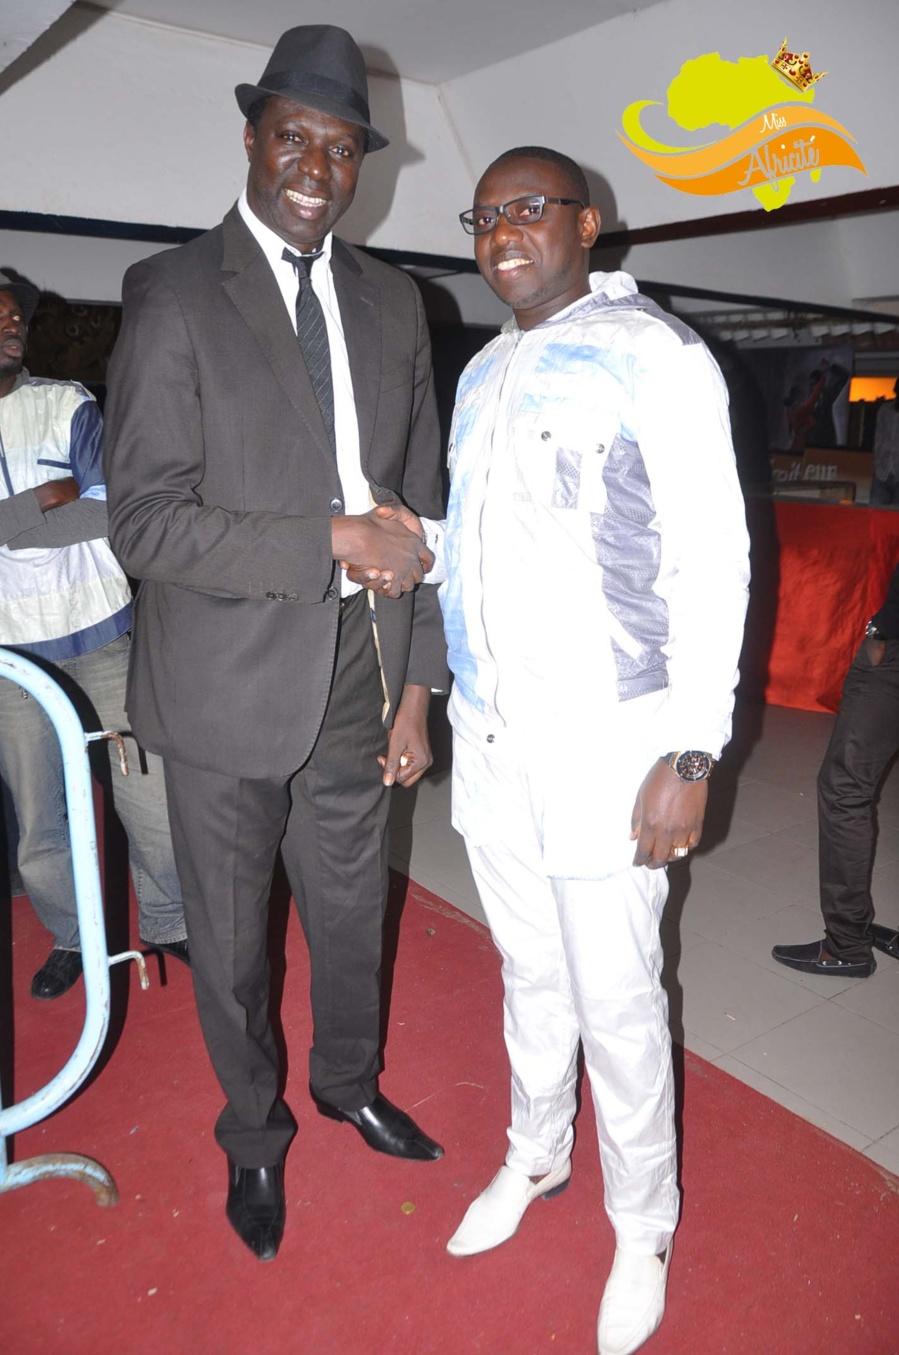 Bamba Diop de feeling-pro réussit encor avec brio Miss Africité 2014